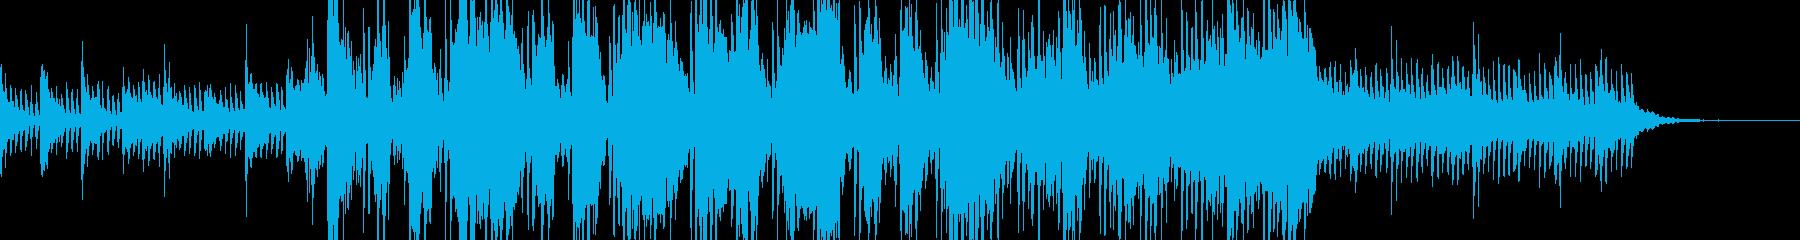 神秘的で最先端のBGMの再生済みの波形